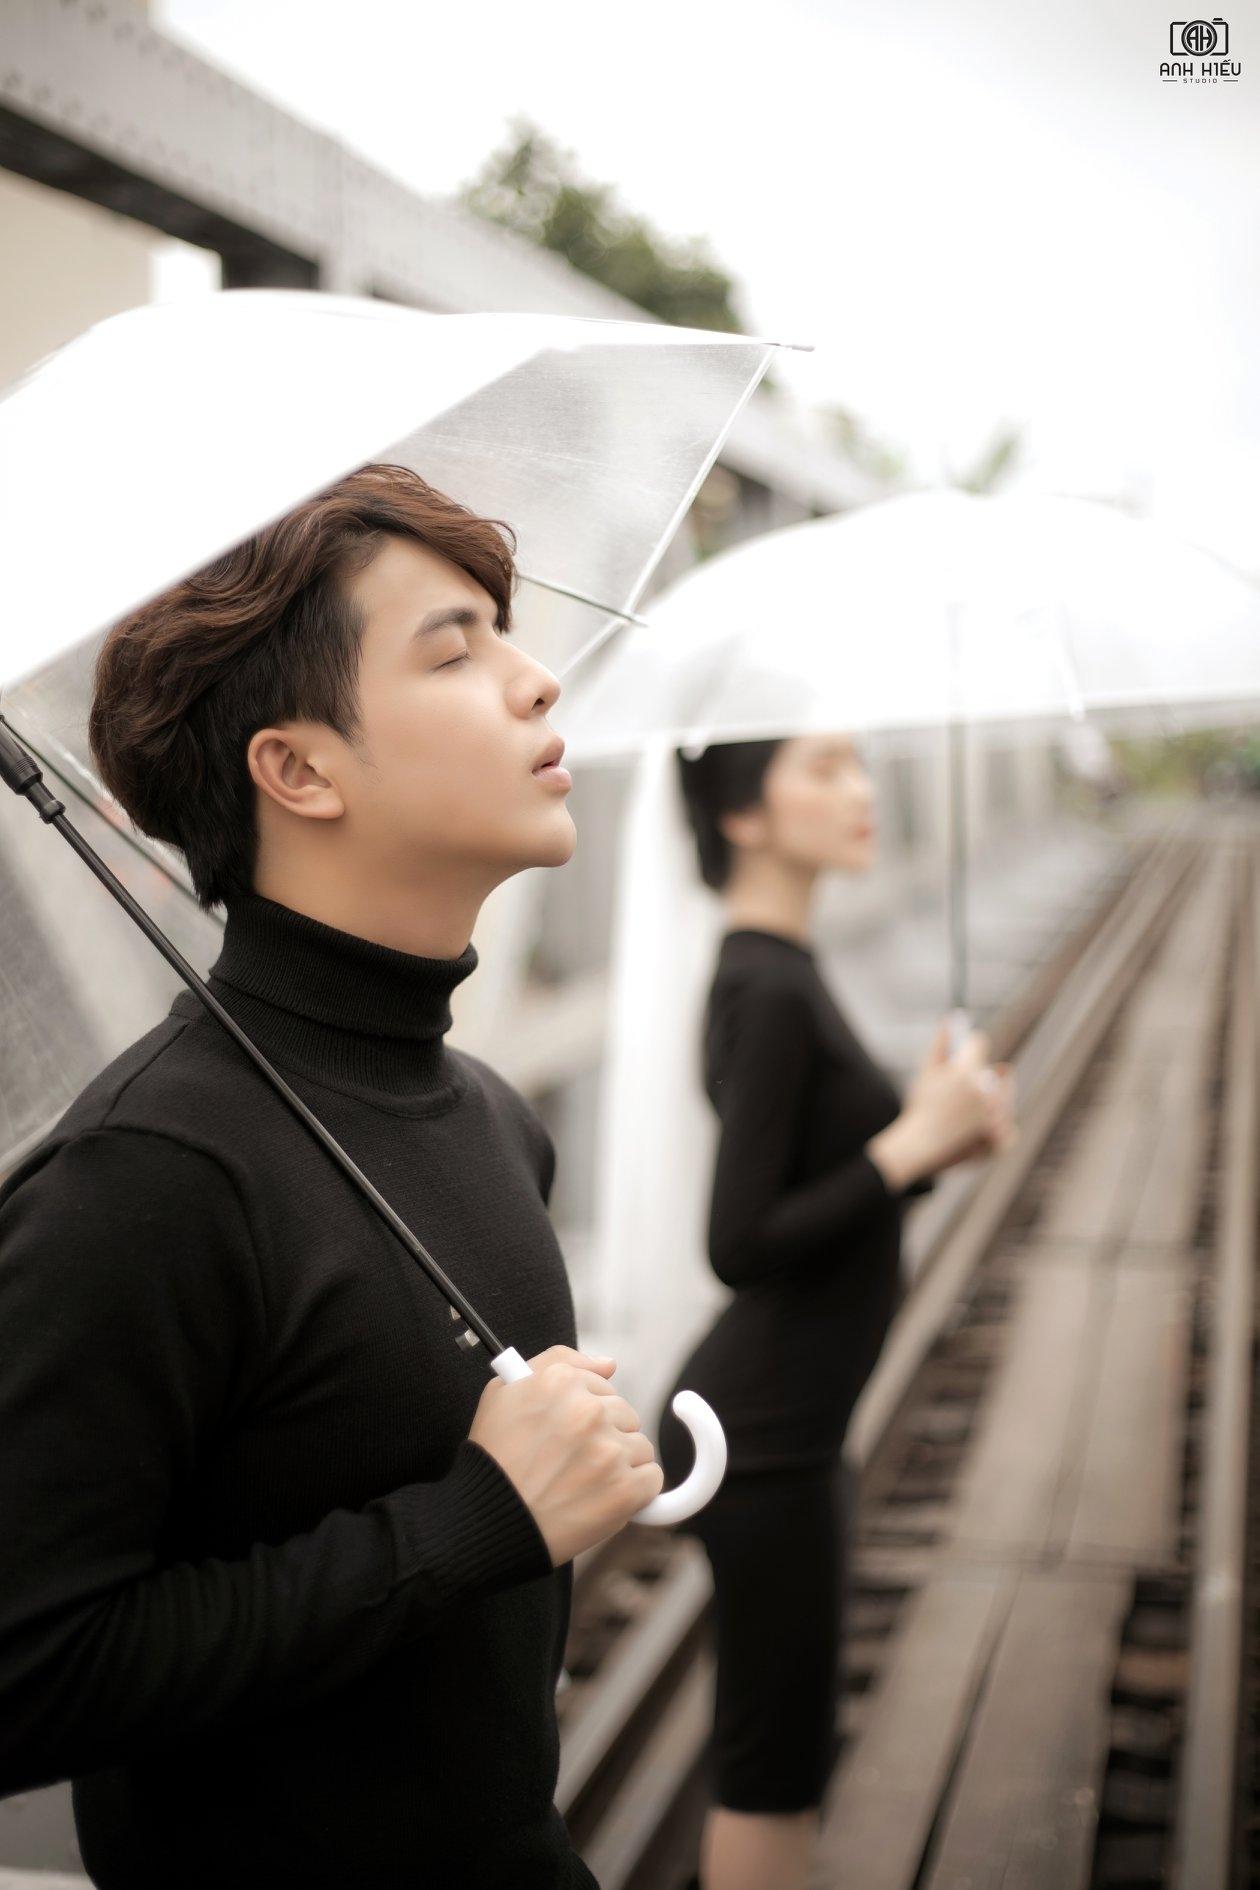 Hinh Cuoi Sai Gon Pho Album 4 (4)